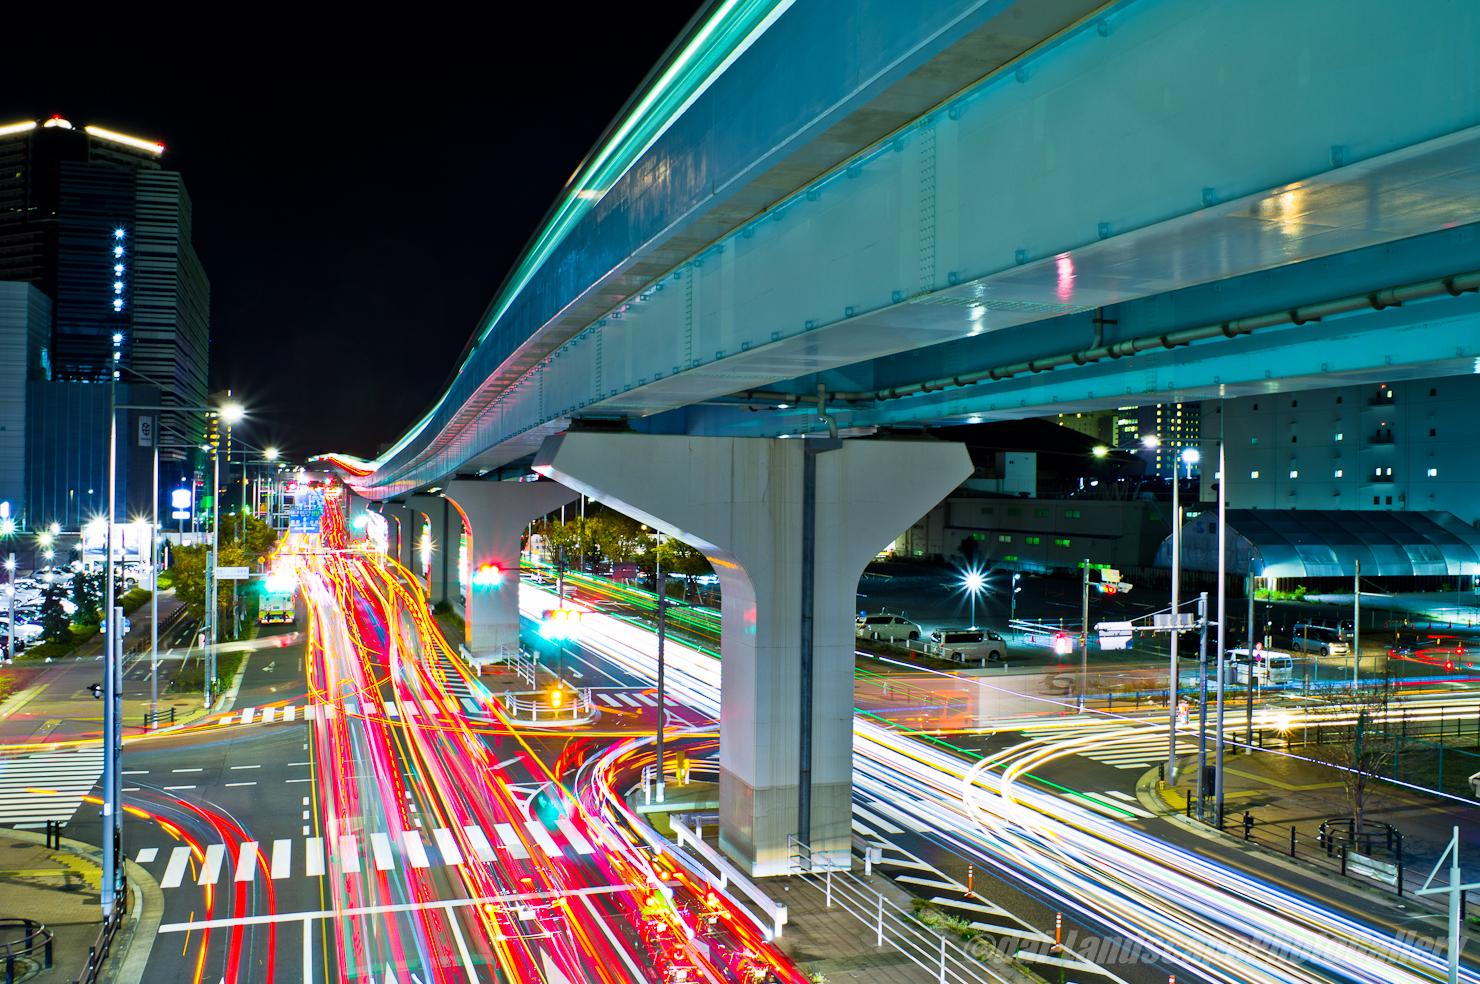 有明テニスの森駅橋上夜景